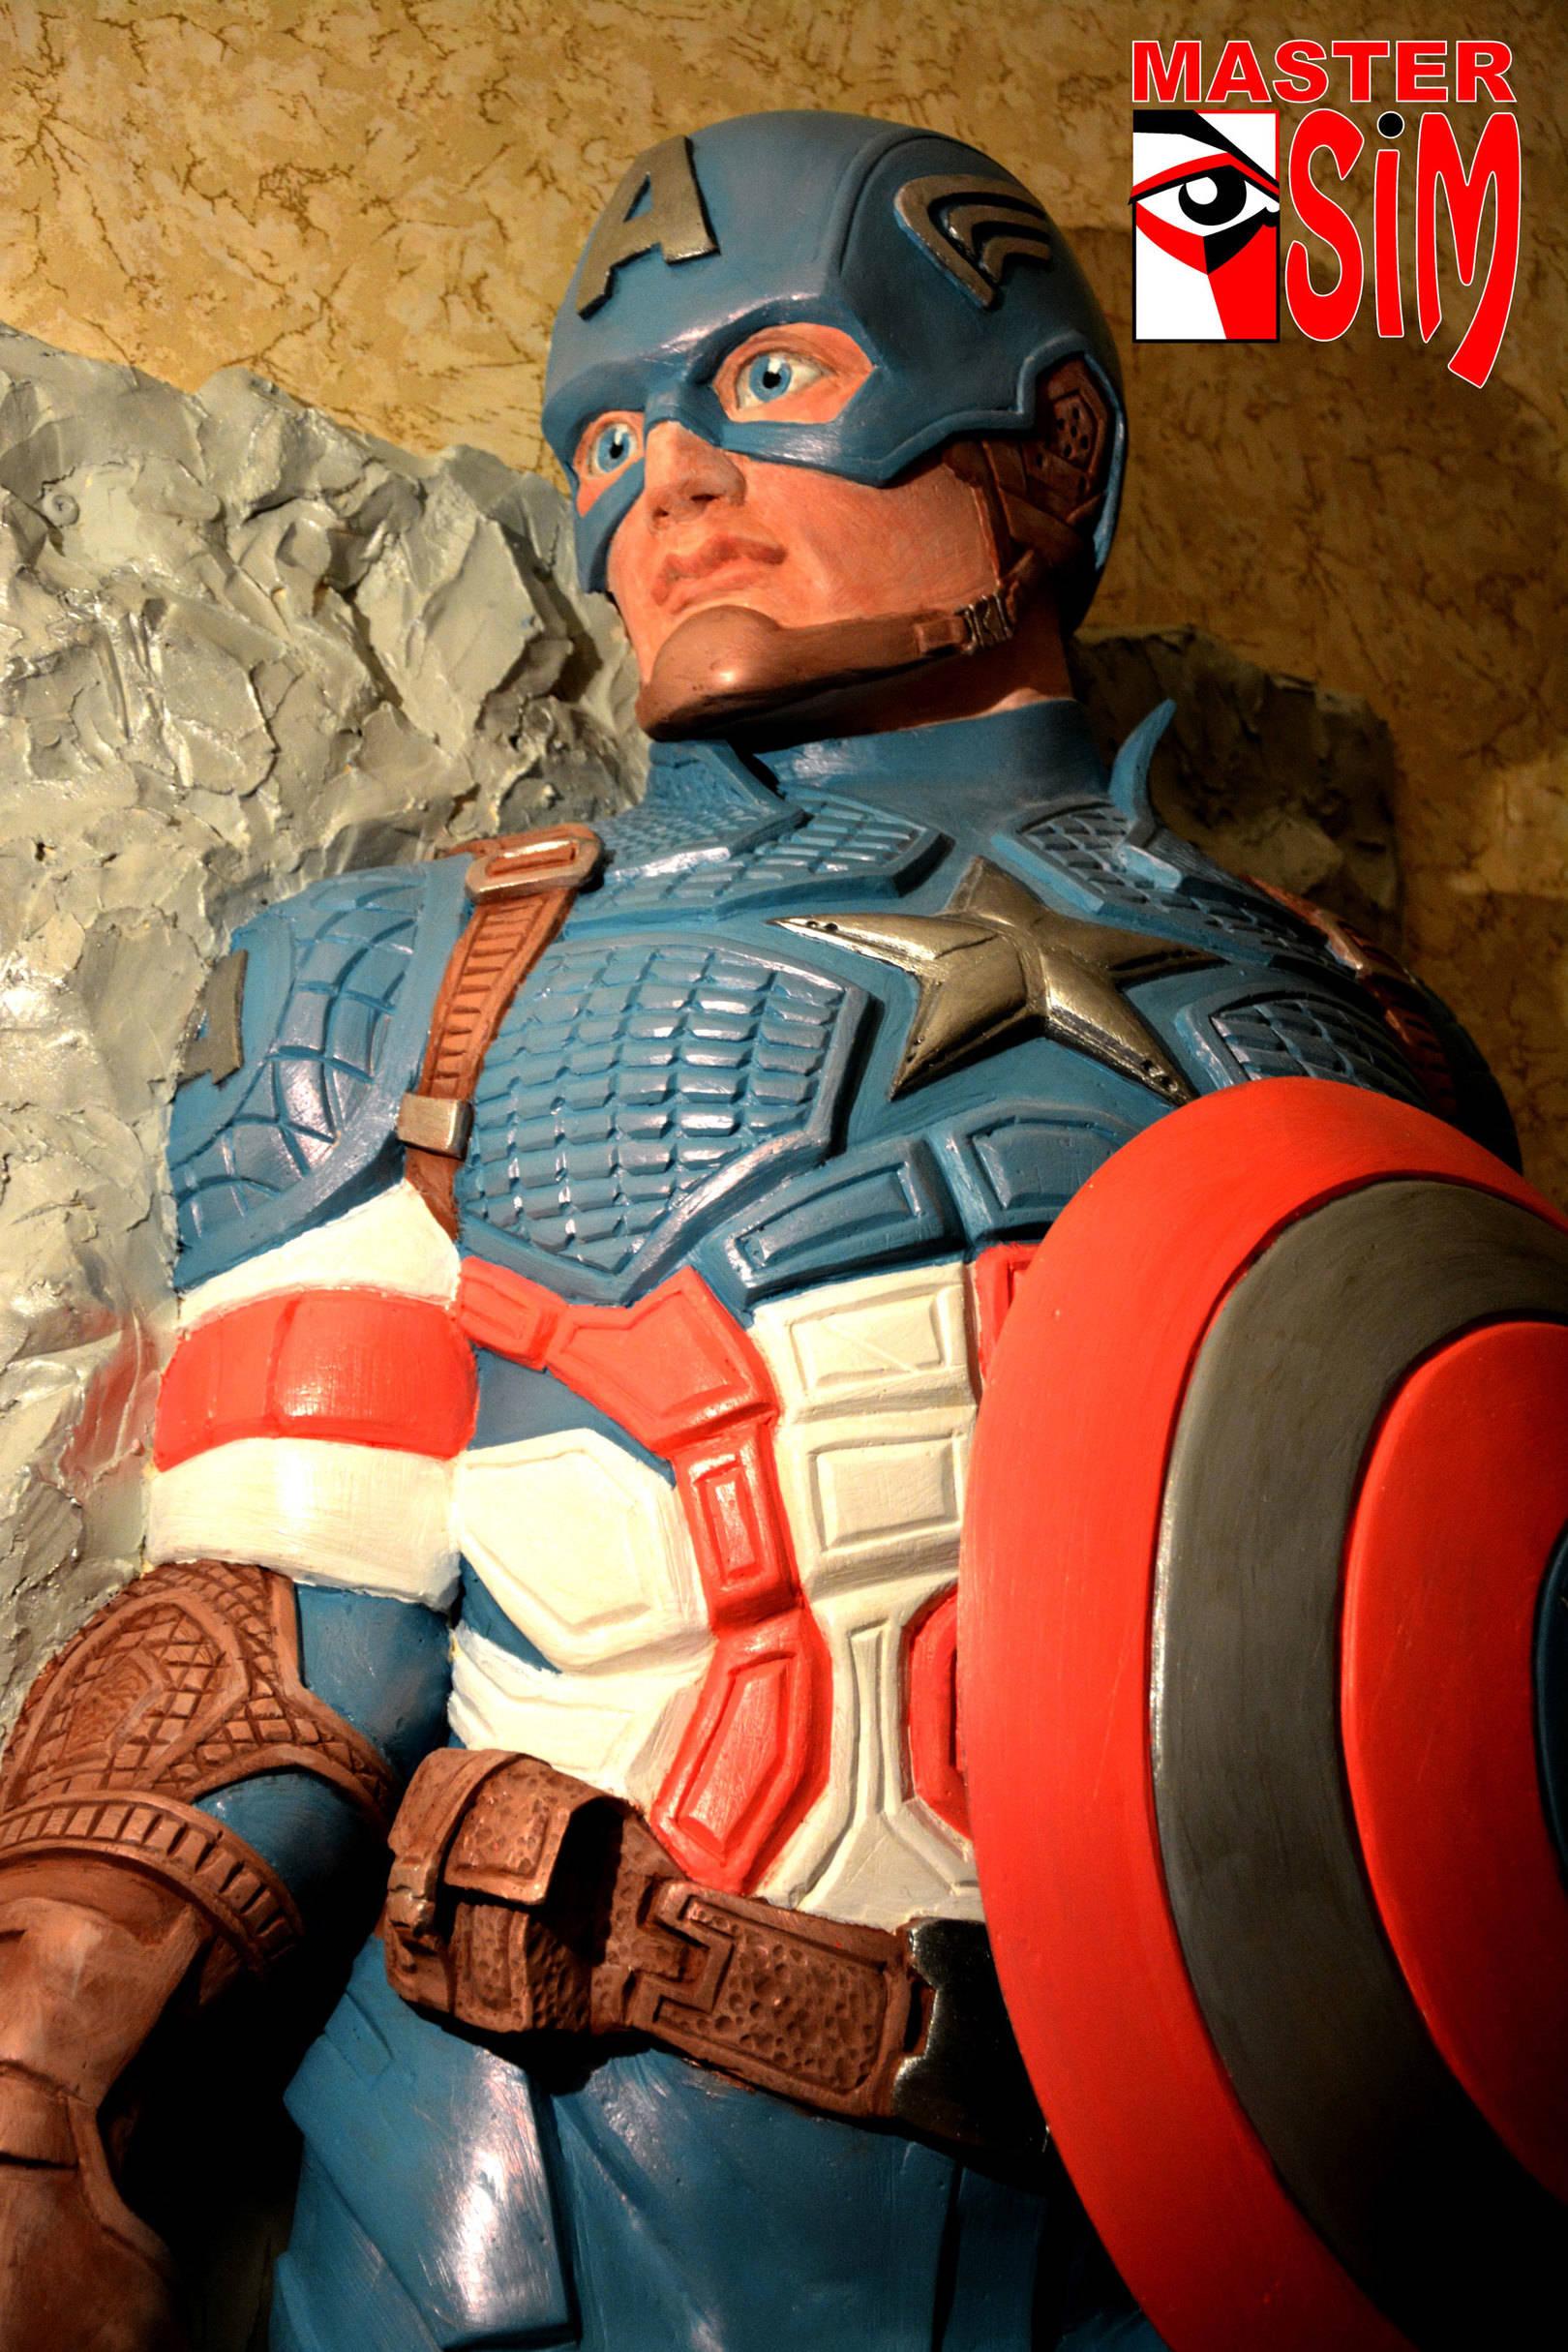 Барельеф (горельеф) Капитан Америка для детской стоматологии Санкт Петербург.